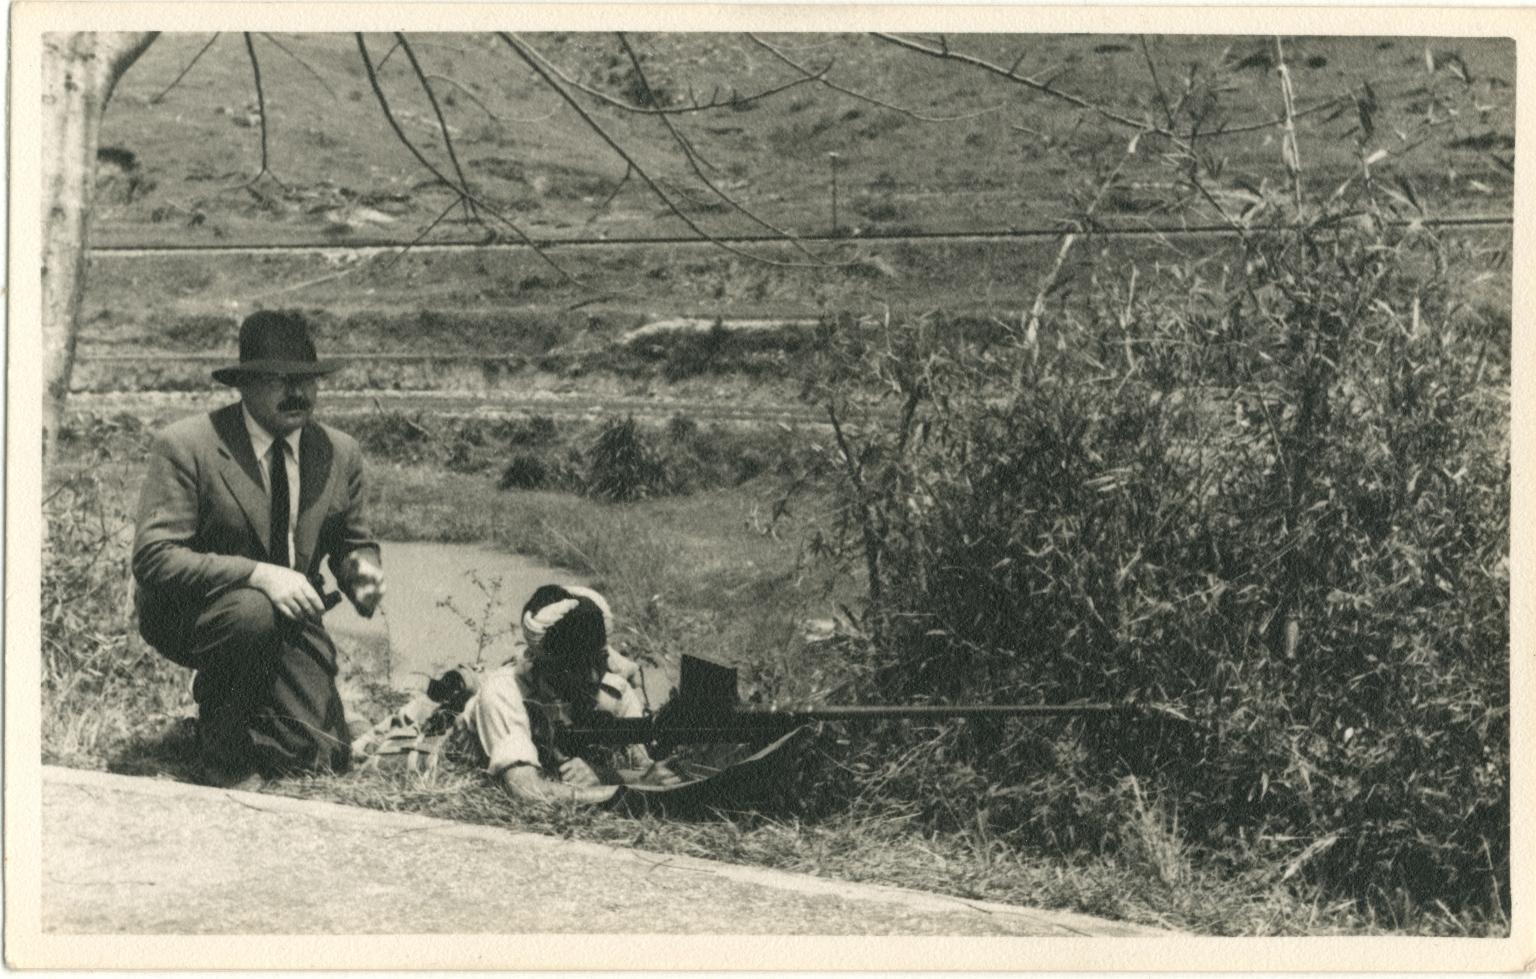 Hemingway in Suit Next to Prostrate Man Shooting a Gun